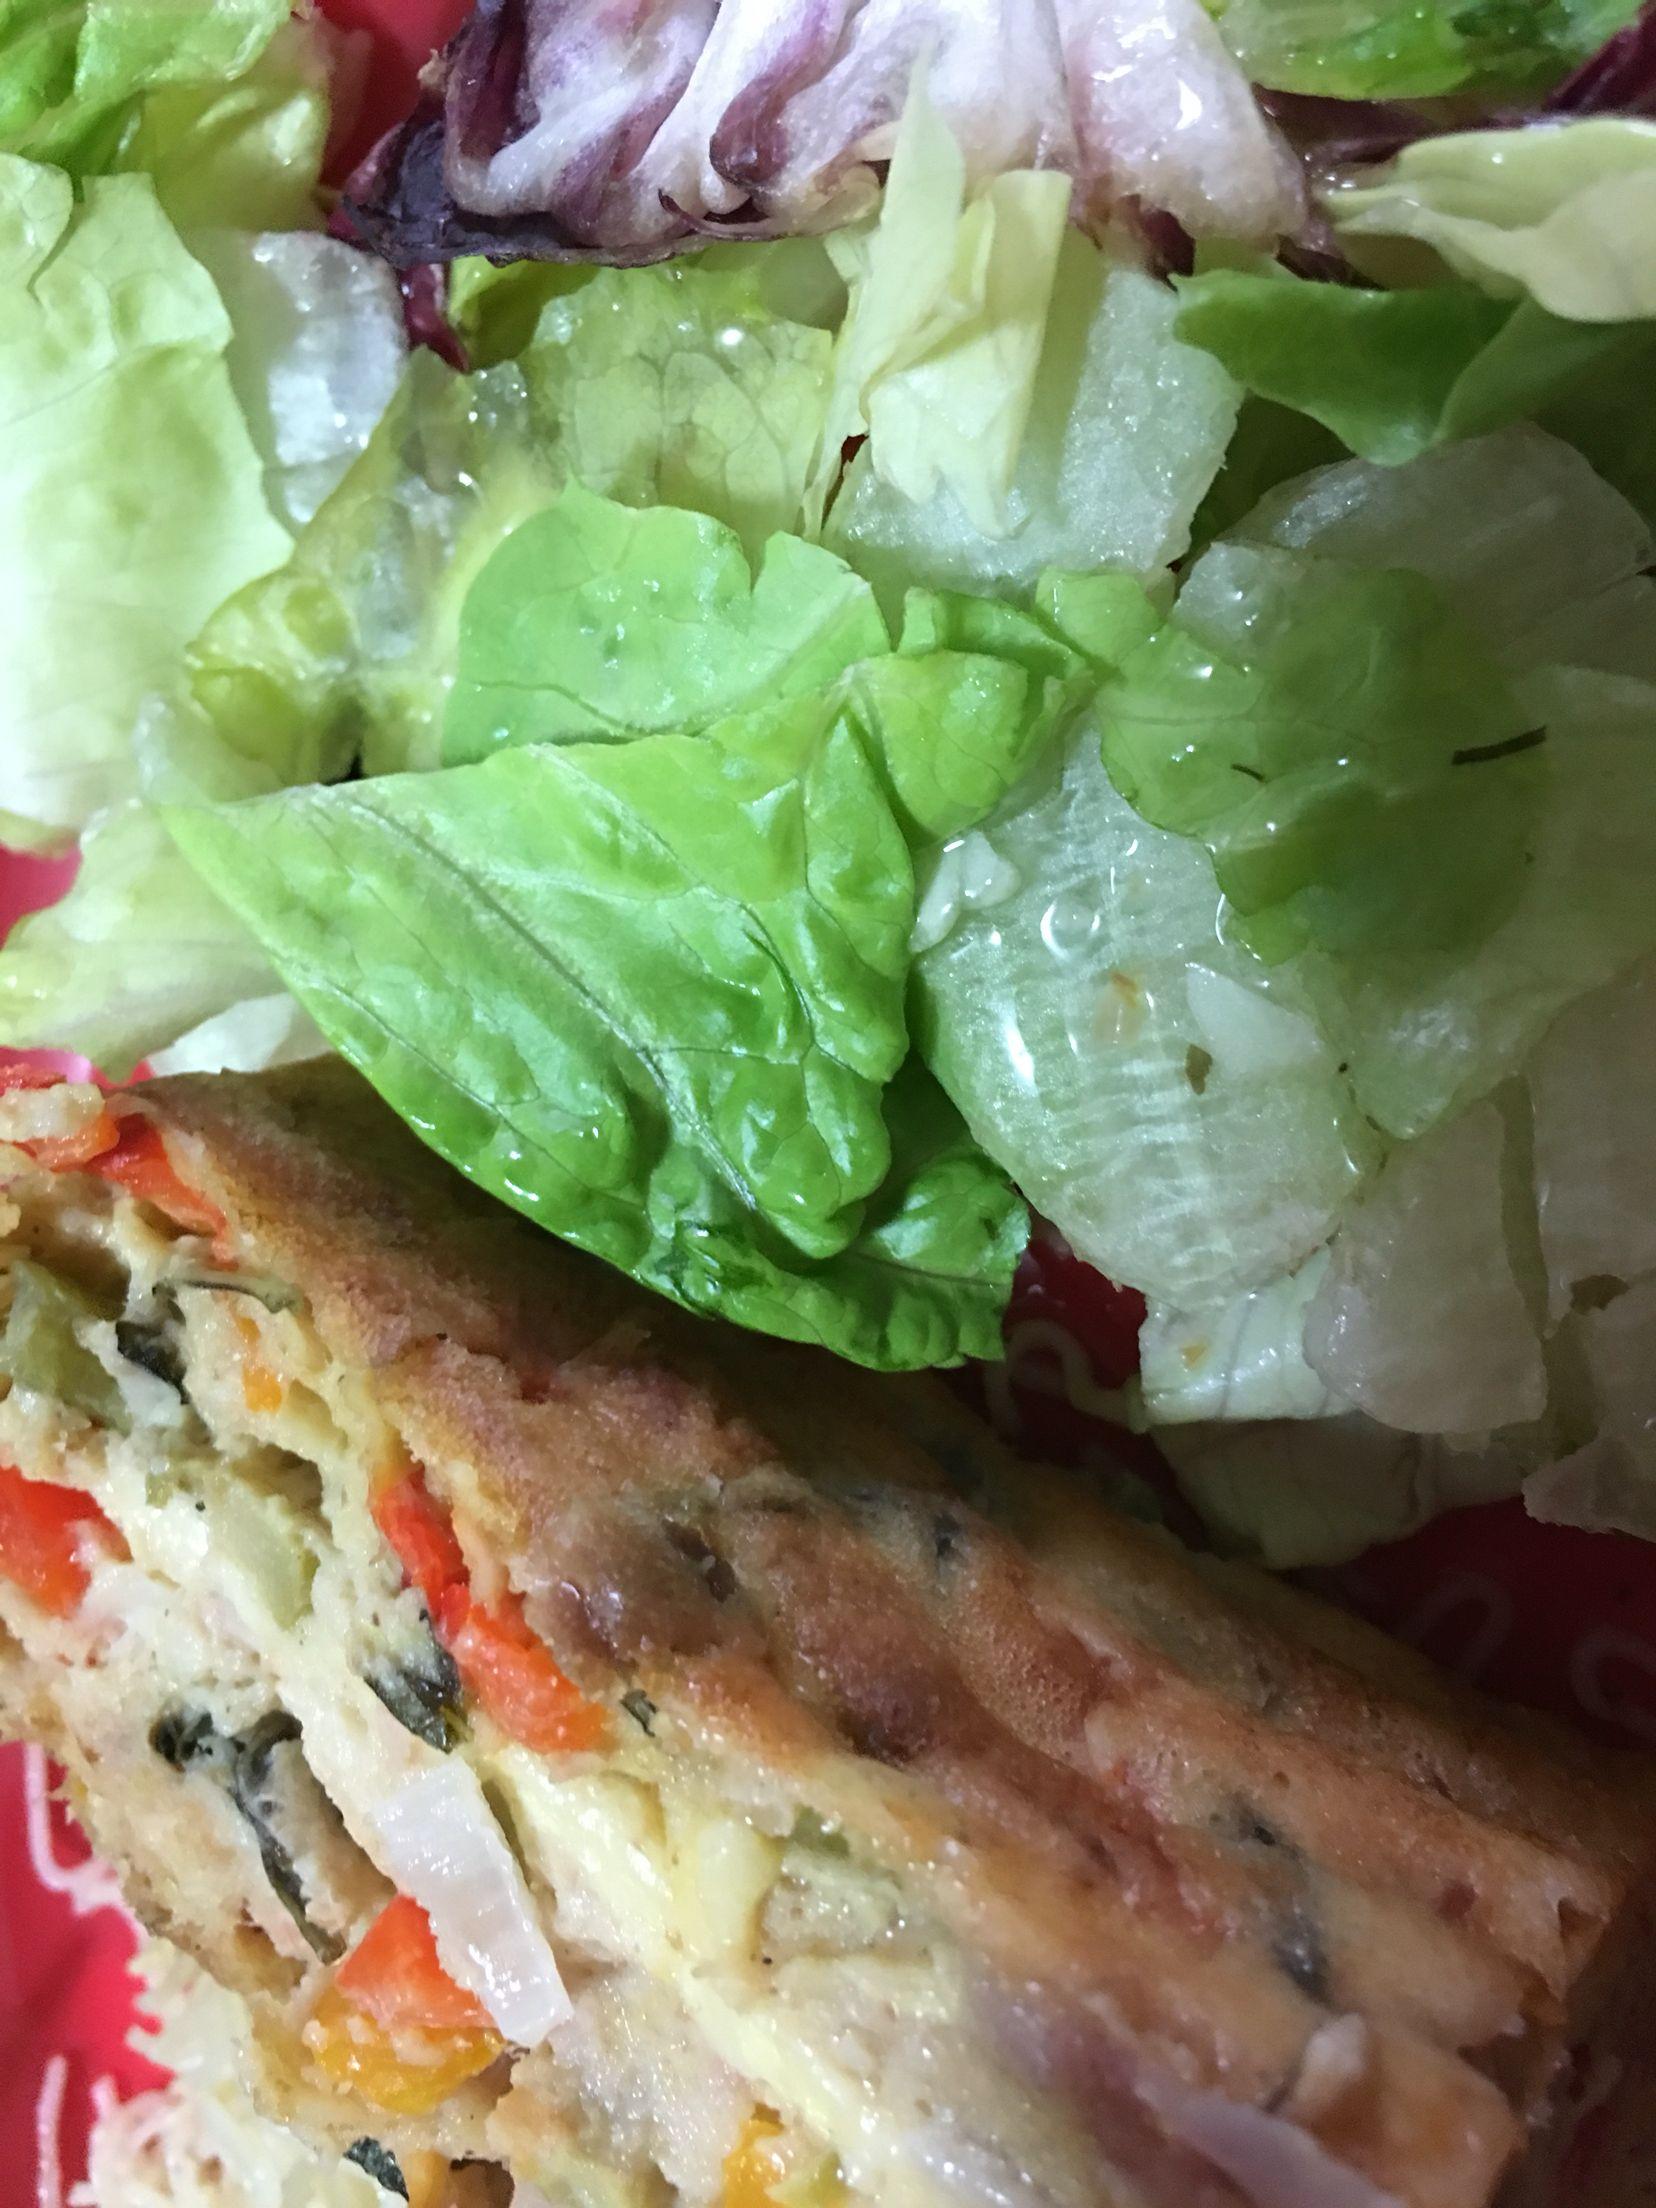 Pan de atún, piquillos, aceitunas, cebolla morada, queso y deliciosa ensalada